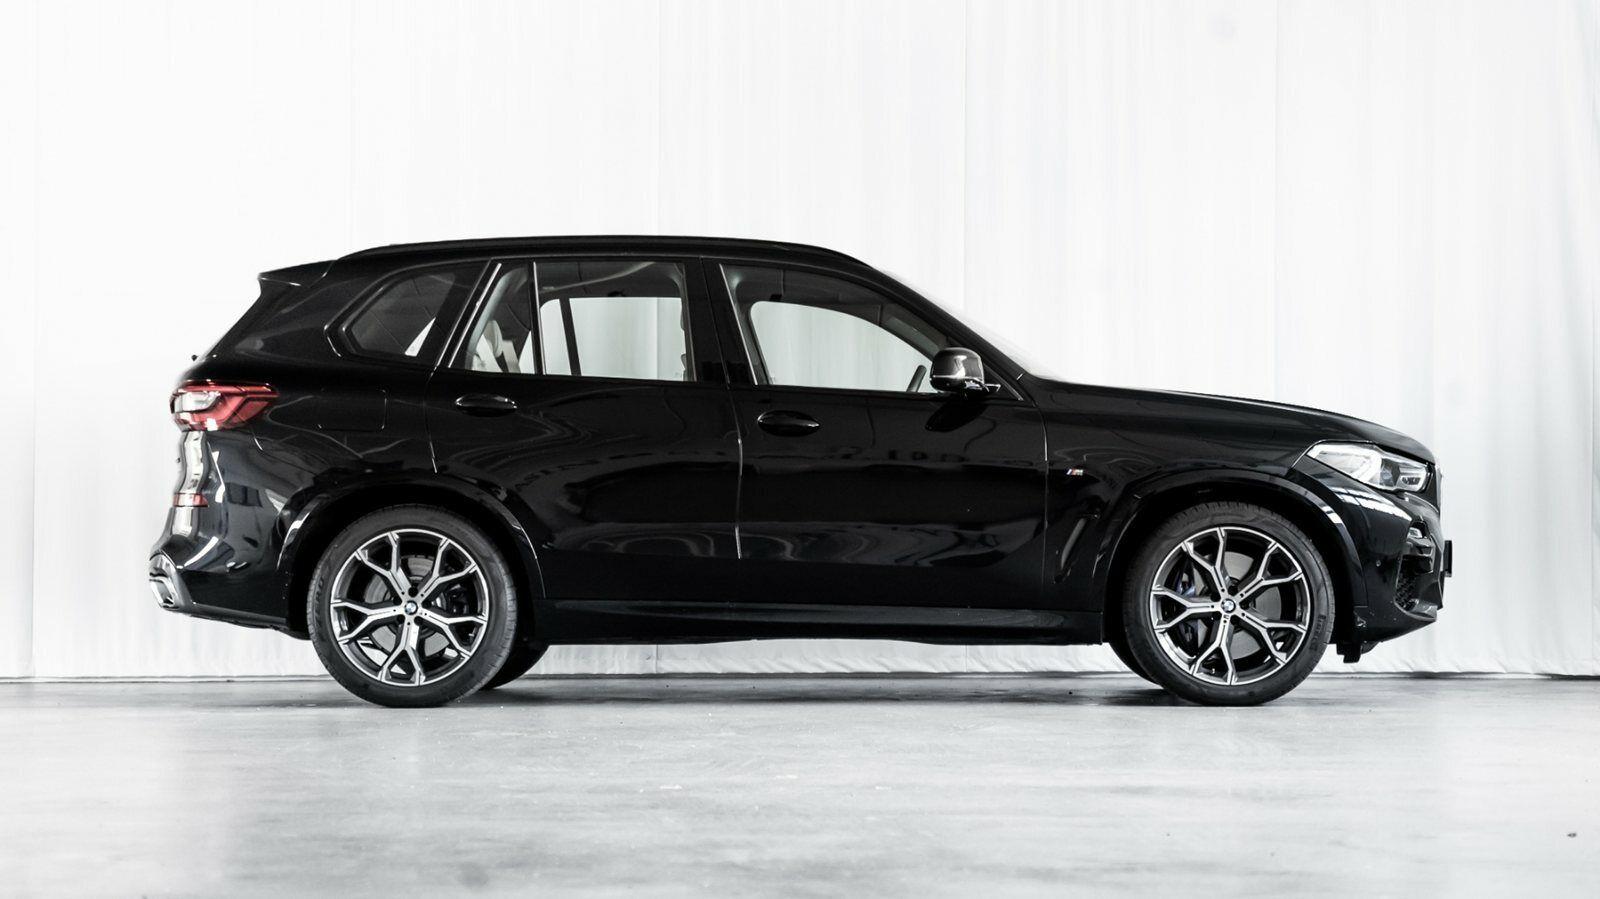 BMW X5 3,0 xDrive30d aut. 5d - 8.796 kr.